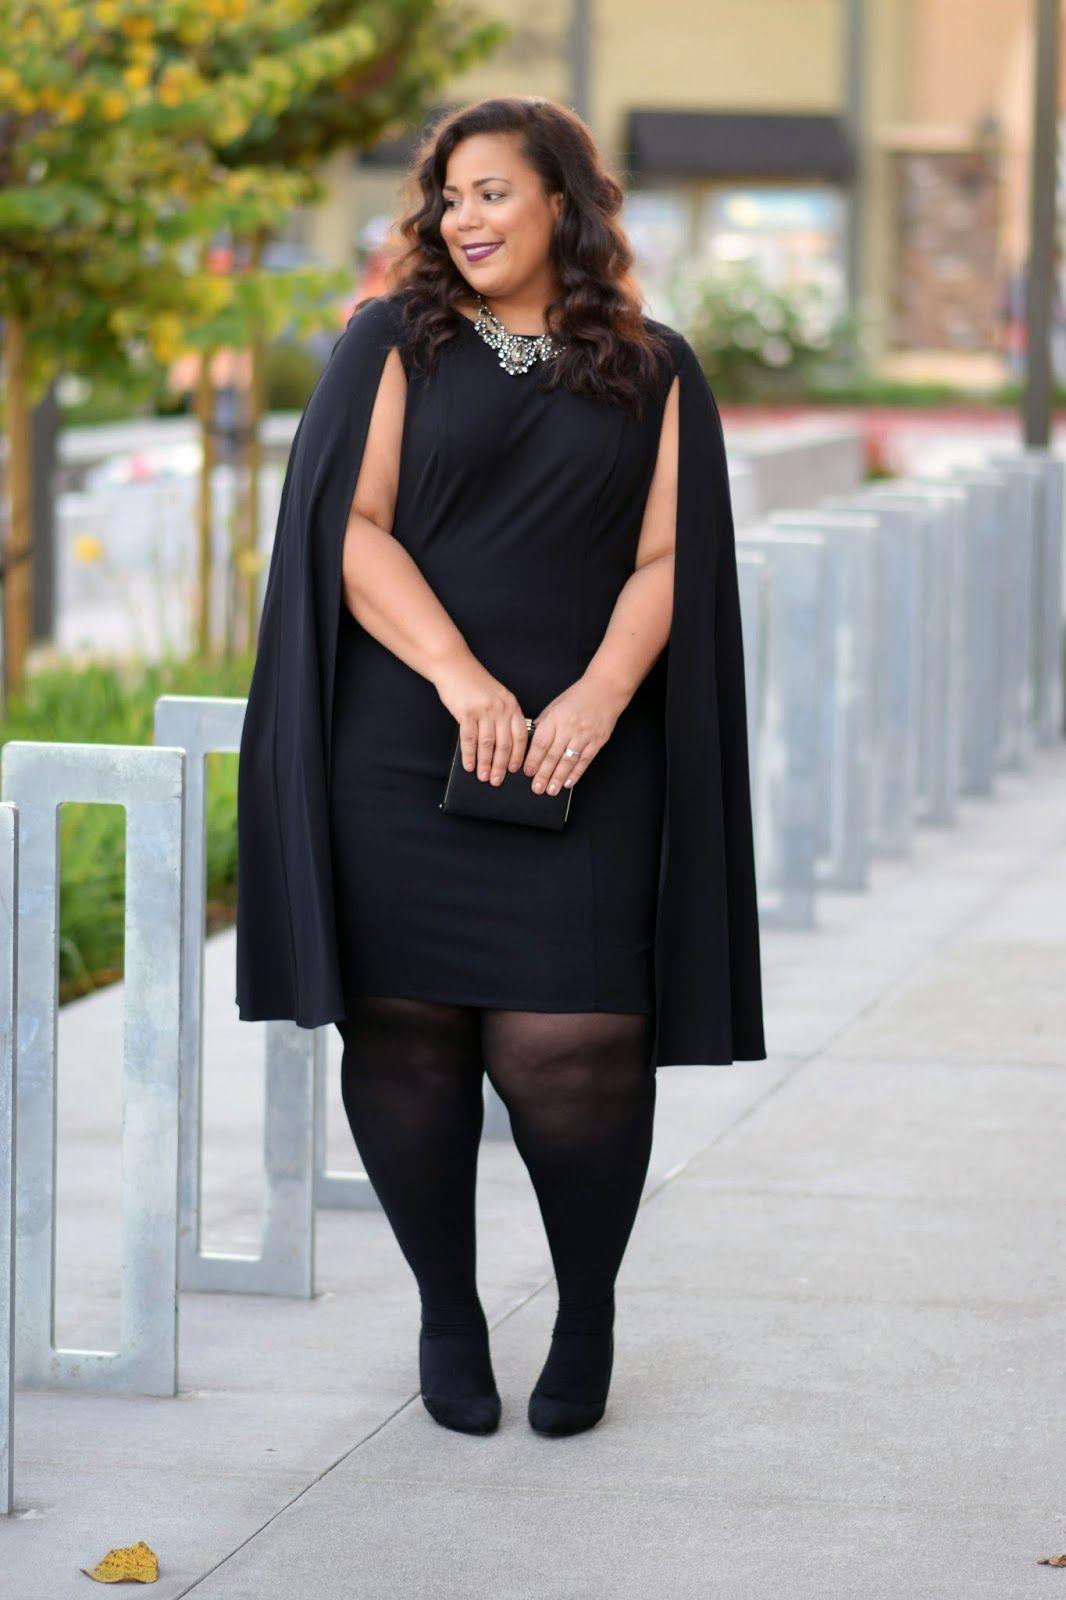 Plus Size Caper Dress, Nordstrom Plus Size Dress | Party Time ...